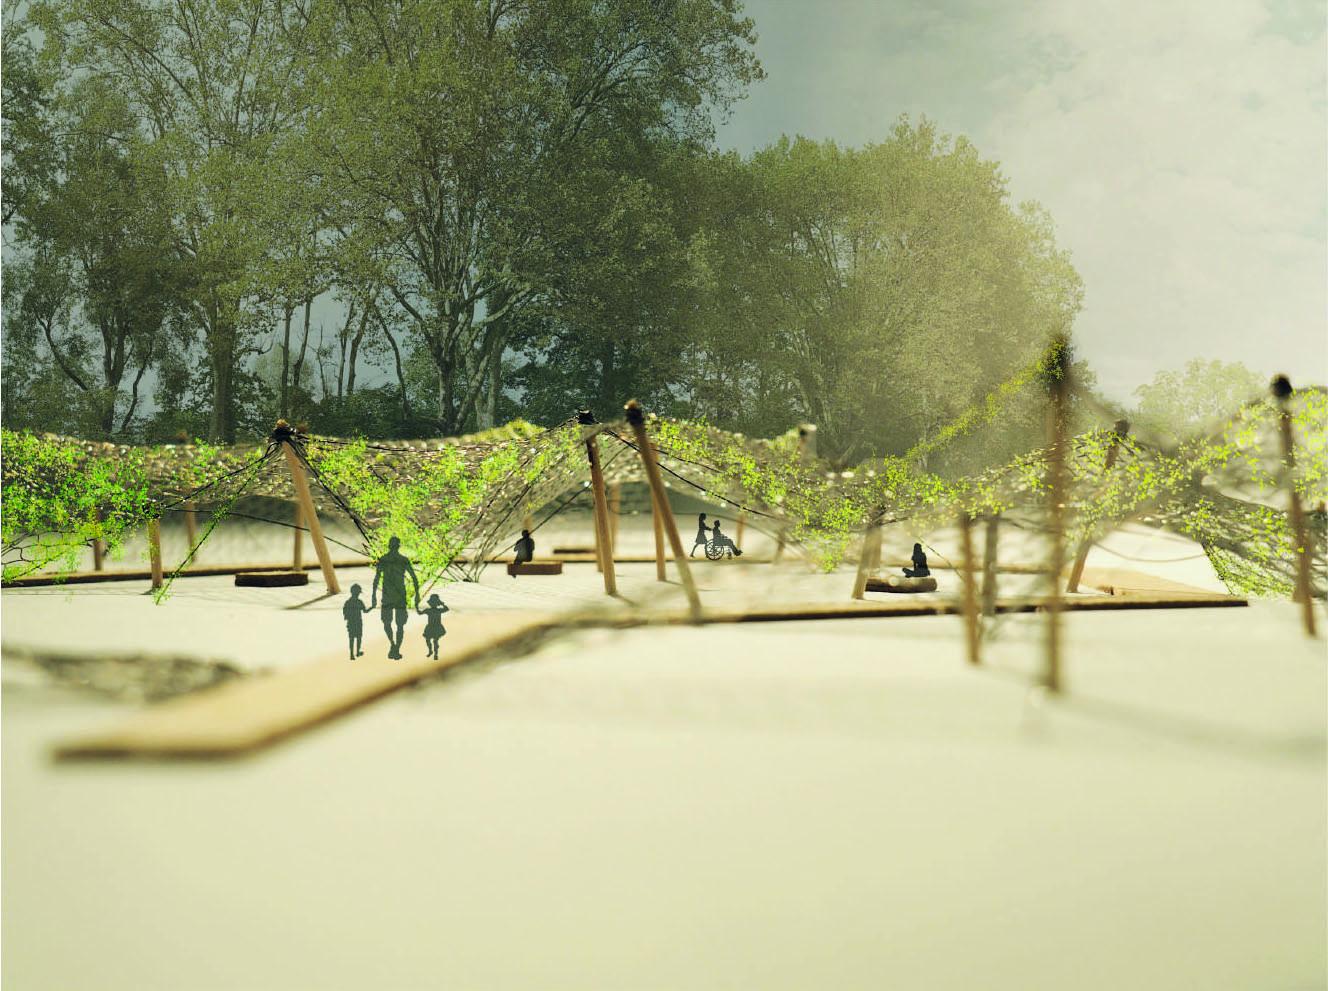 Entwerfen von Gärten, temporär